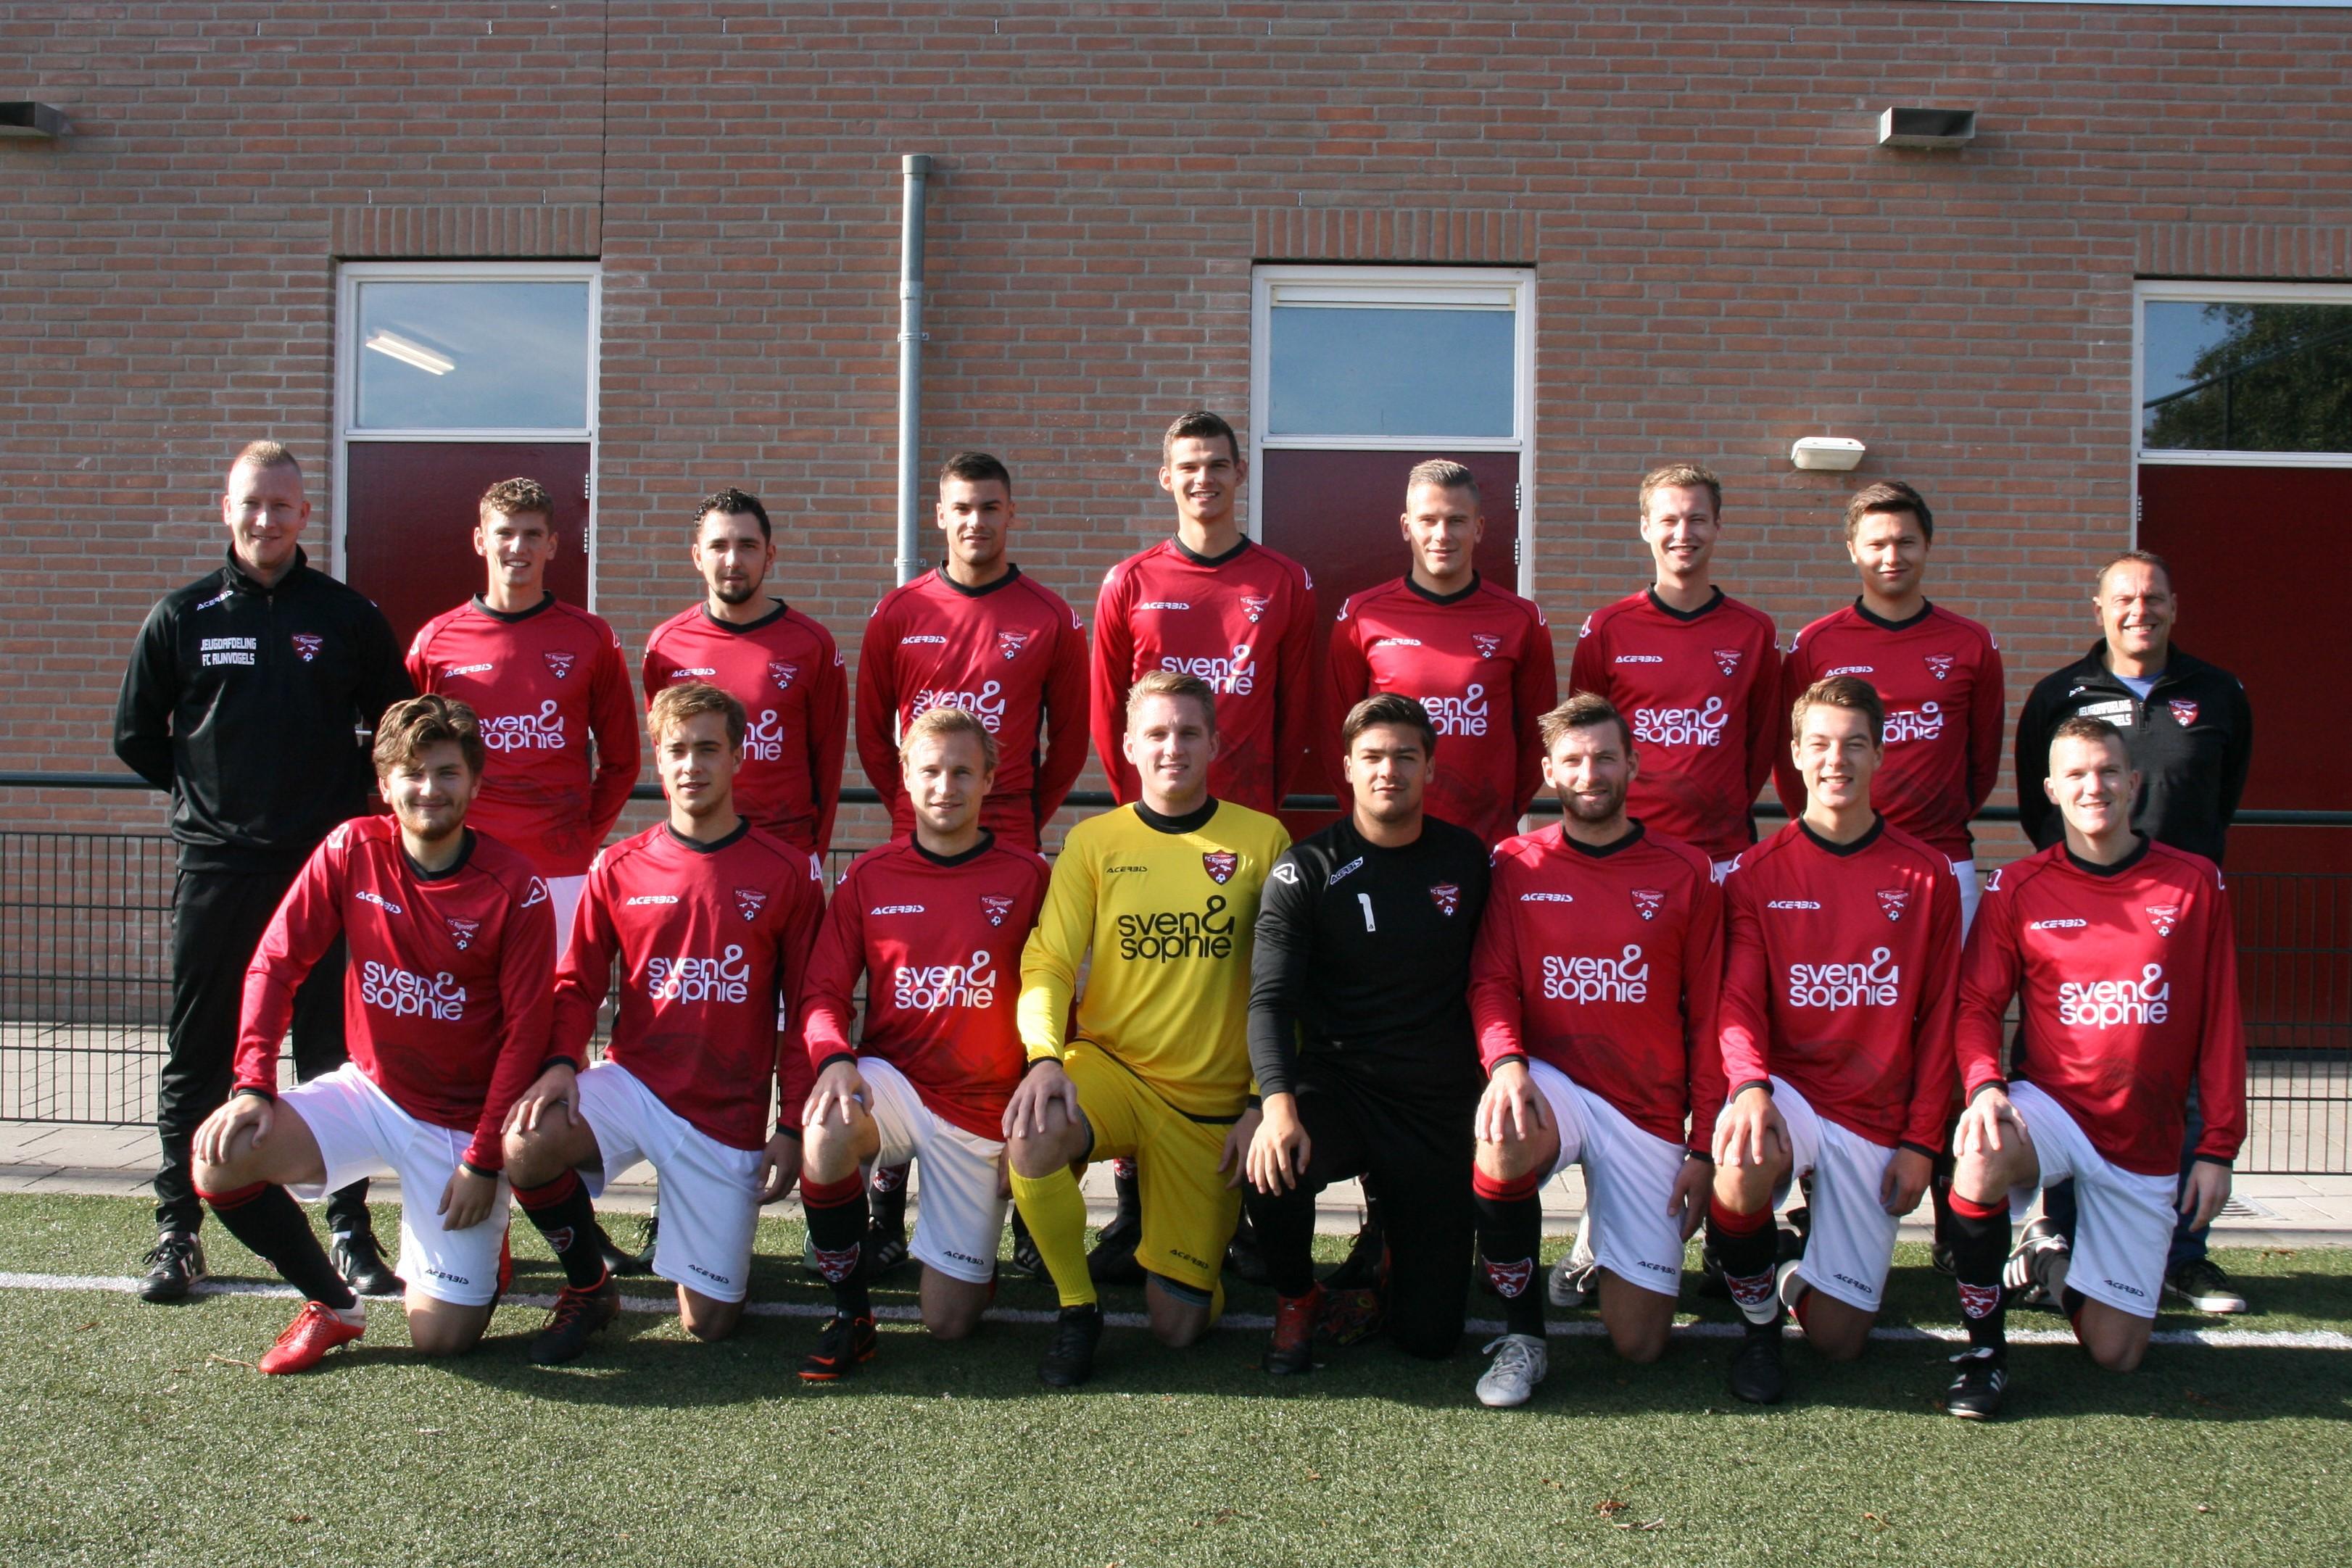 foto van team Heren 3